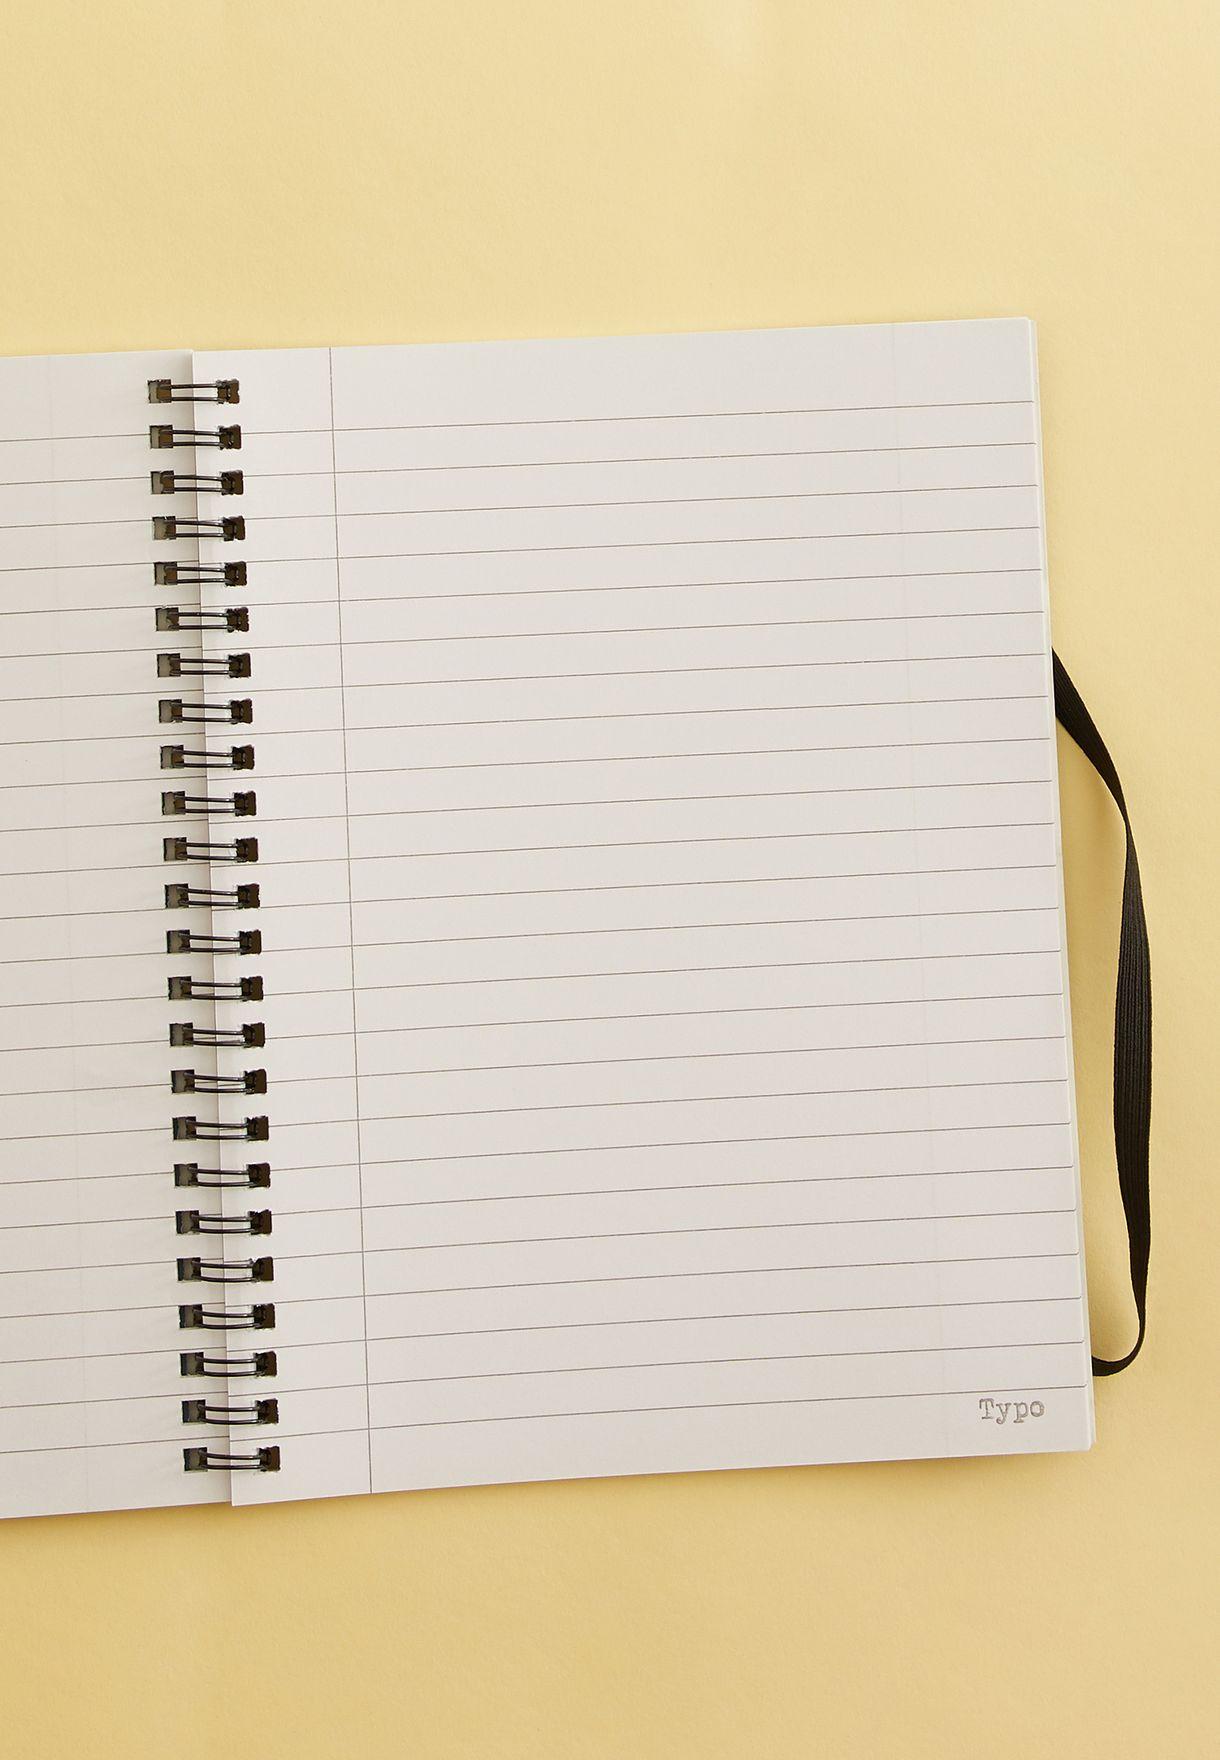 دفتر ملاحظات A5 بطباعة ازهار